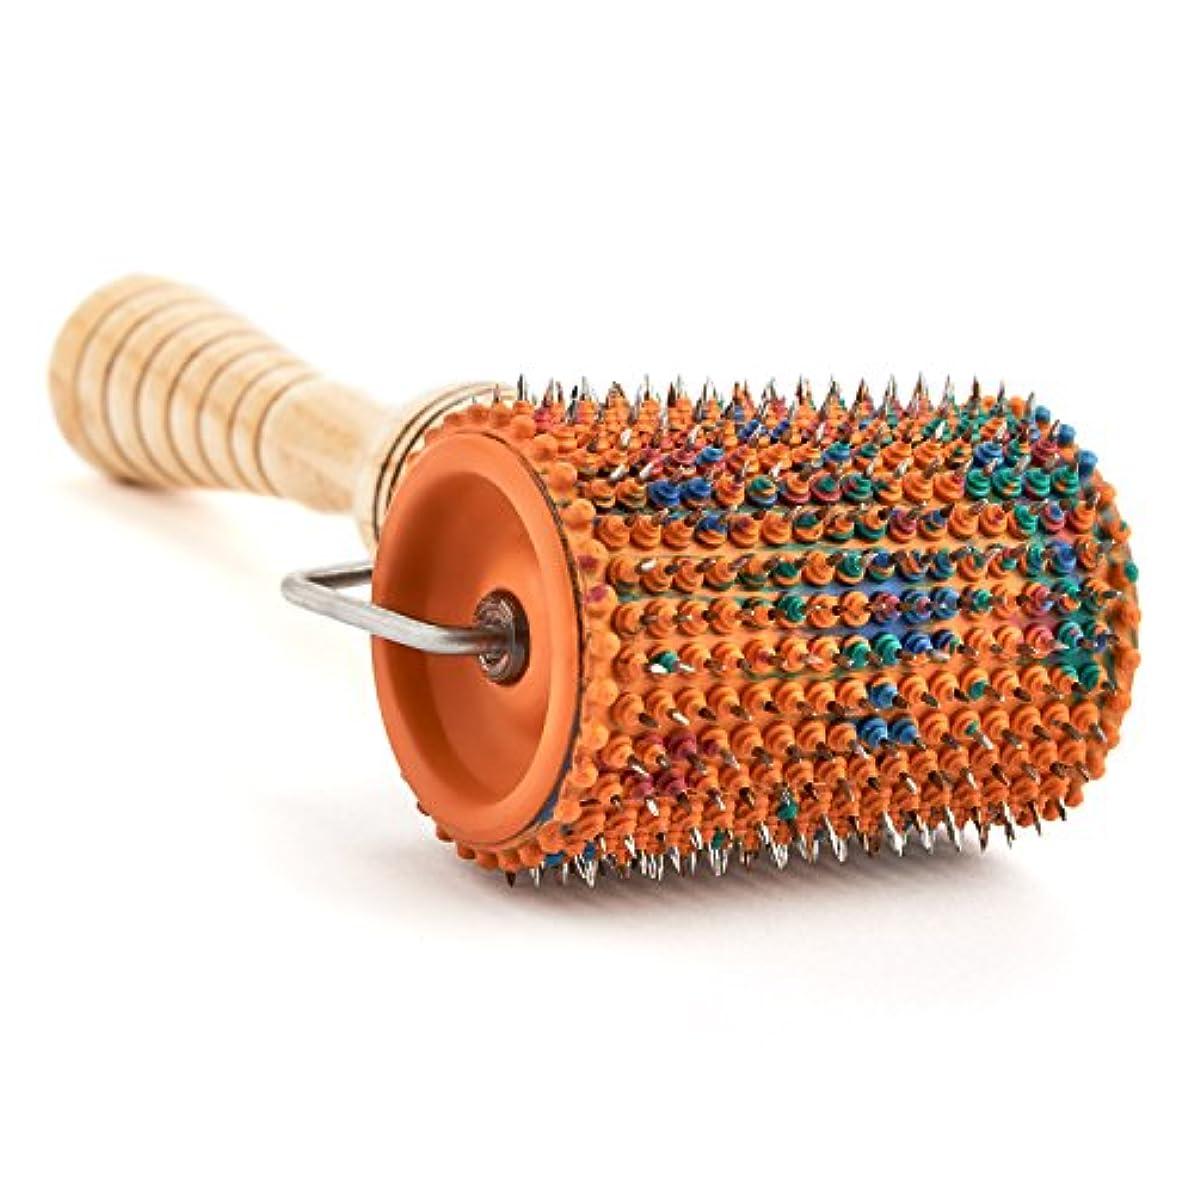 市長トピック適度にAcupuncture for Body Massage - Acupressure Applicator Lyapko Roller UNIVERSAL-M (with rubber bushings) by Lyapko